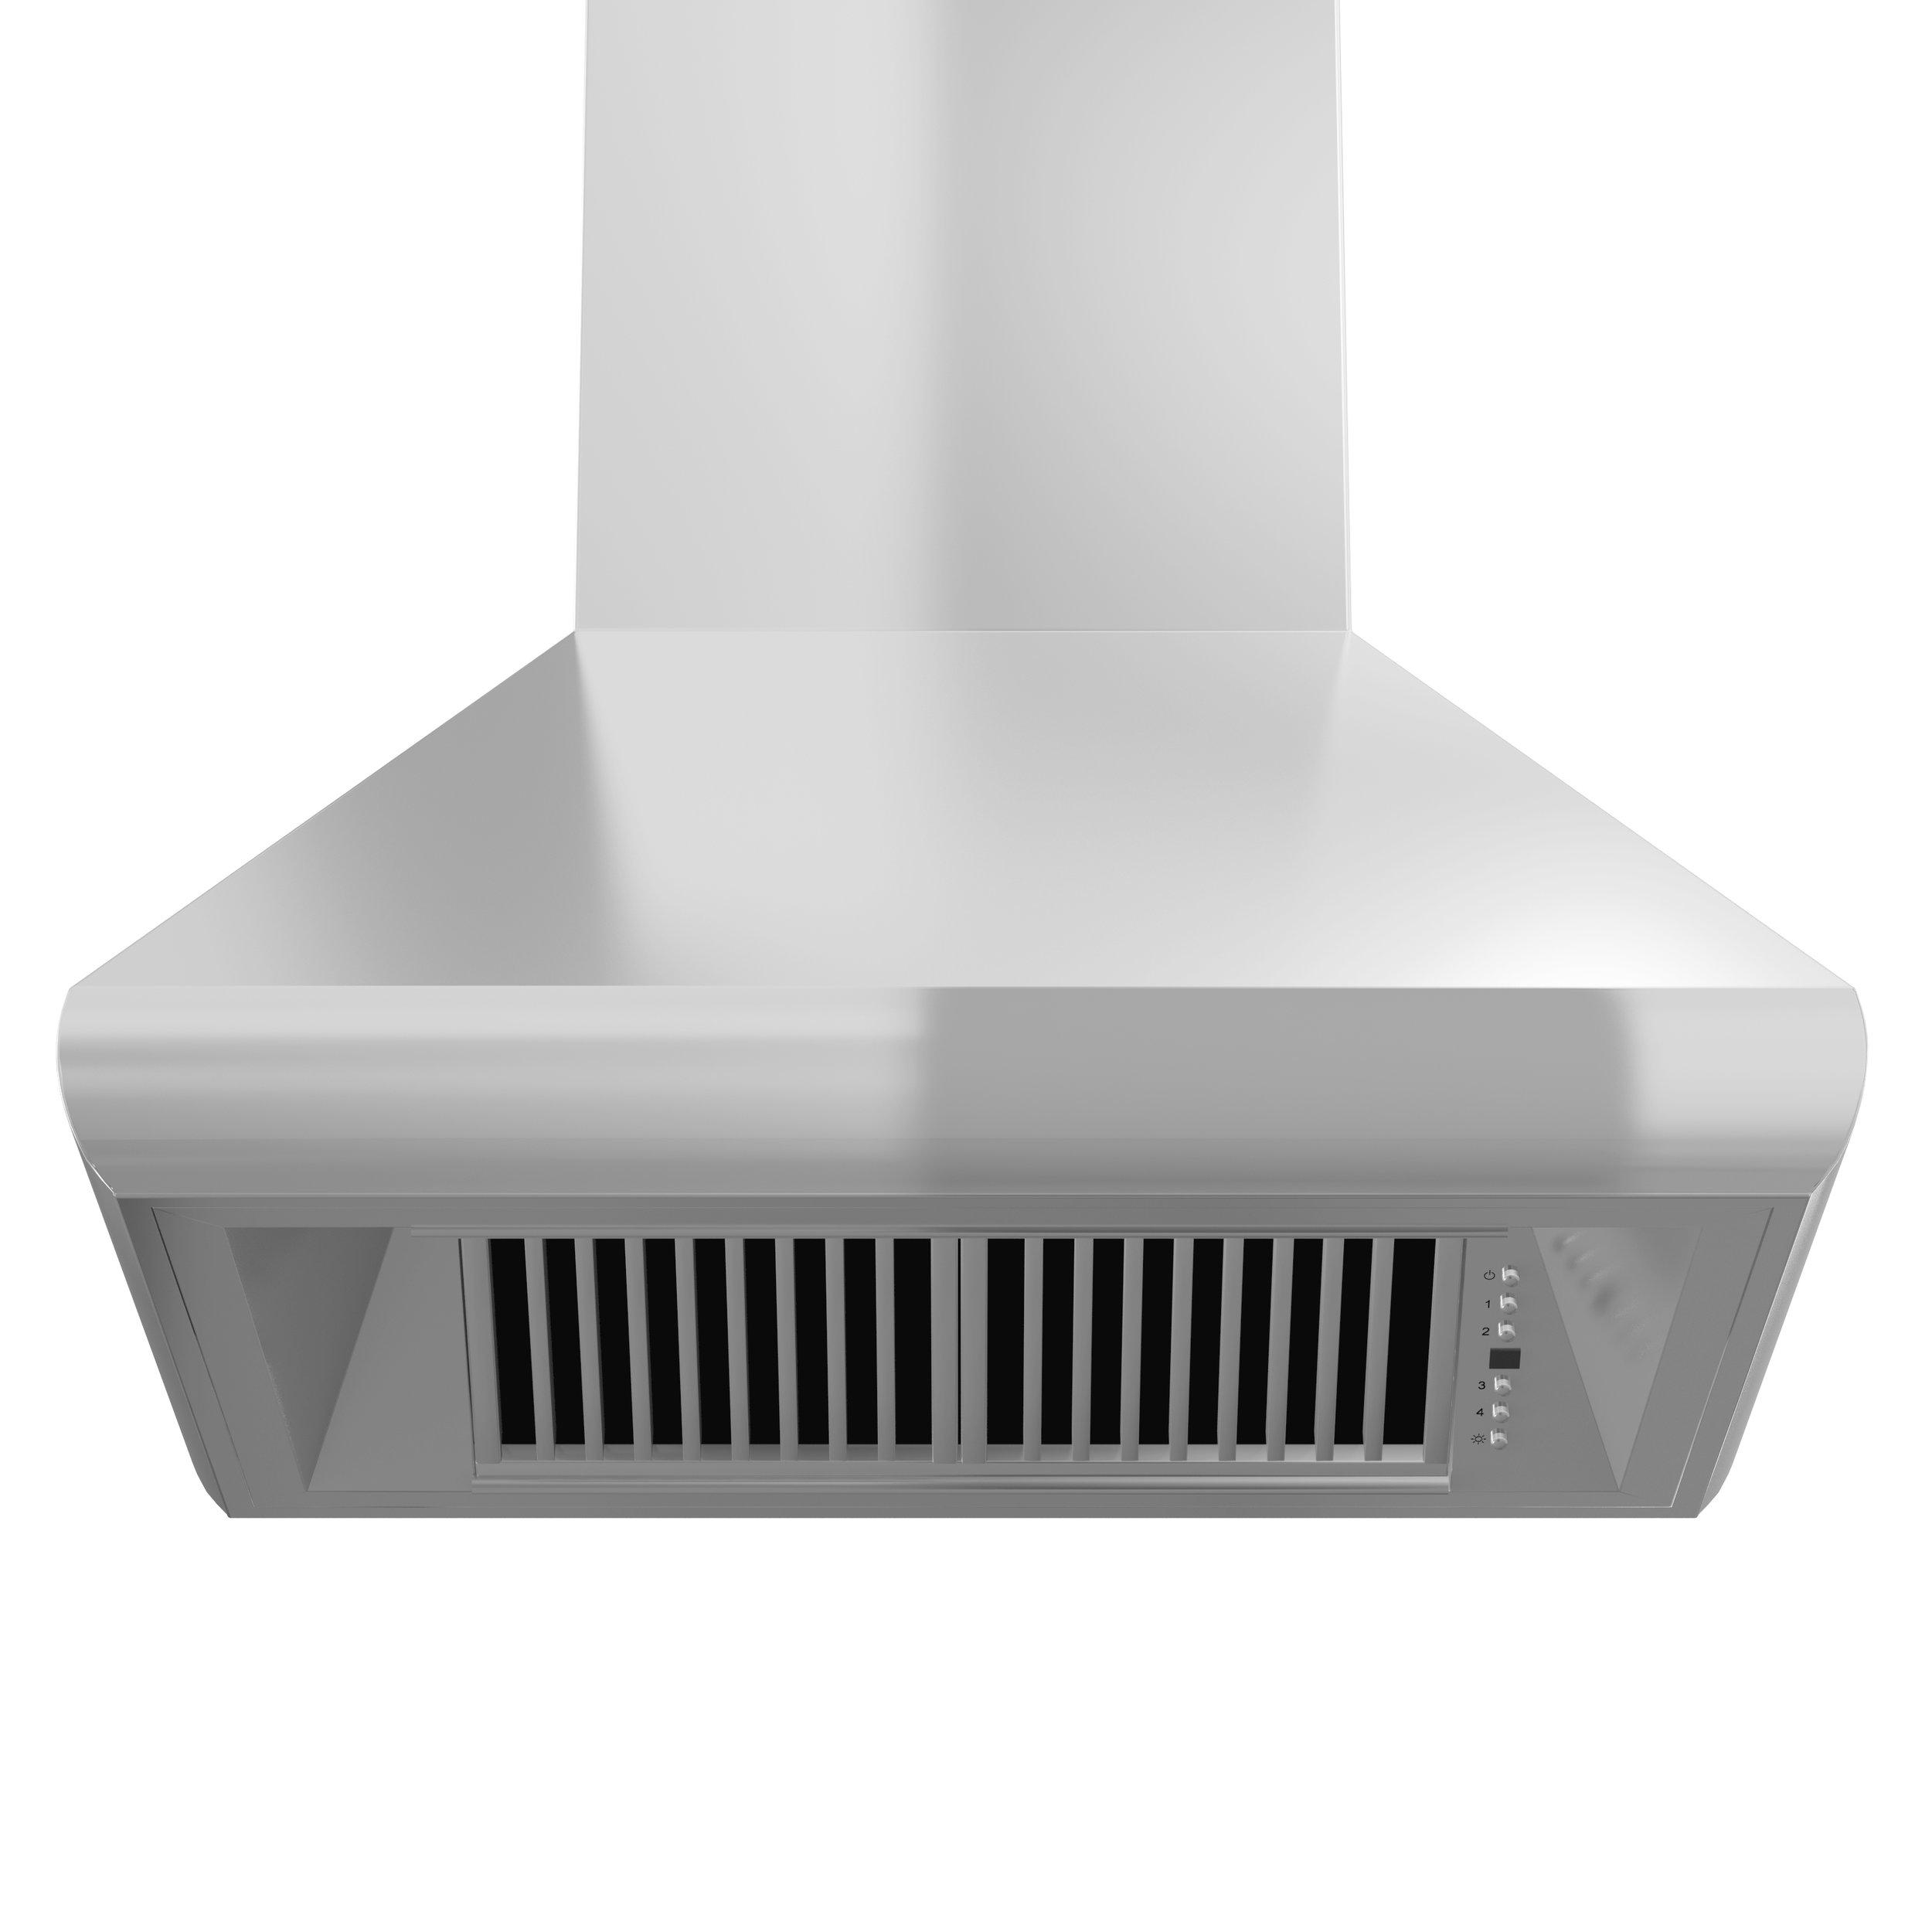 zline-stainless-steel-wall-mounted-range-hood-687-underneath.jpg